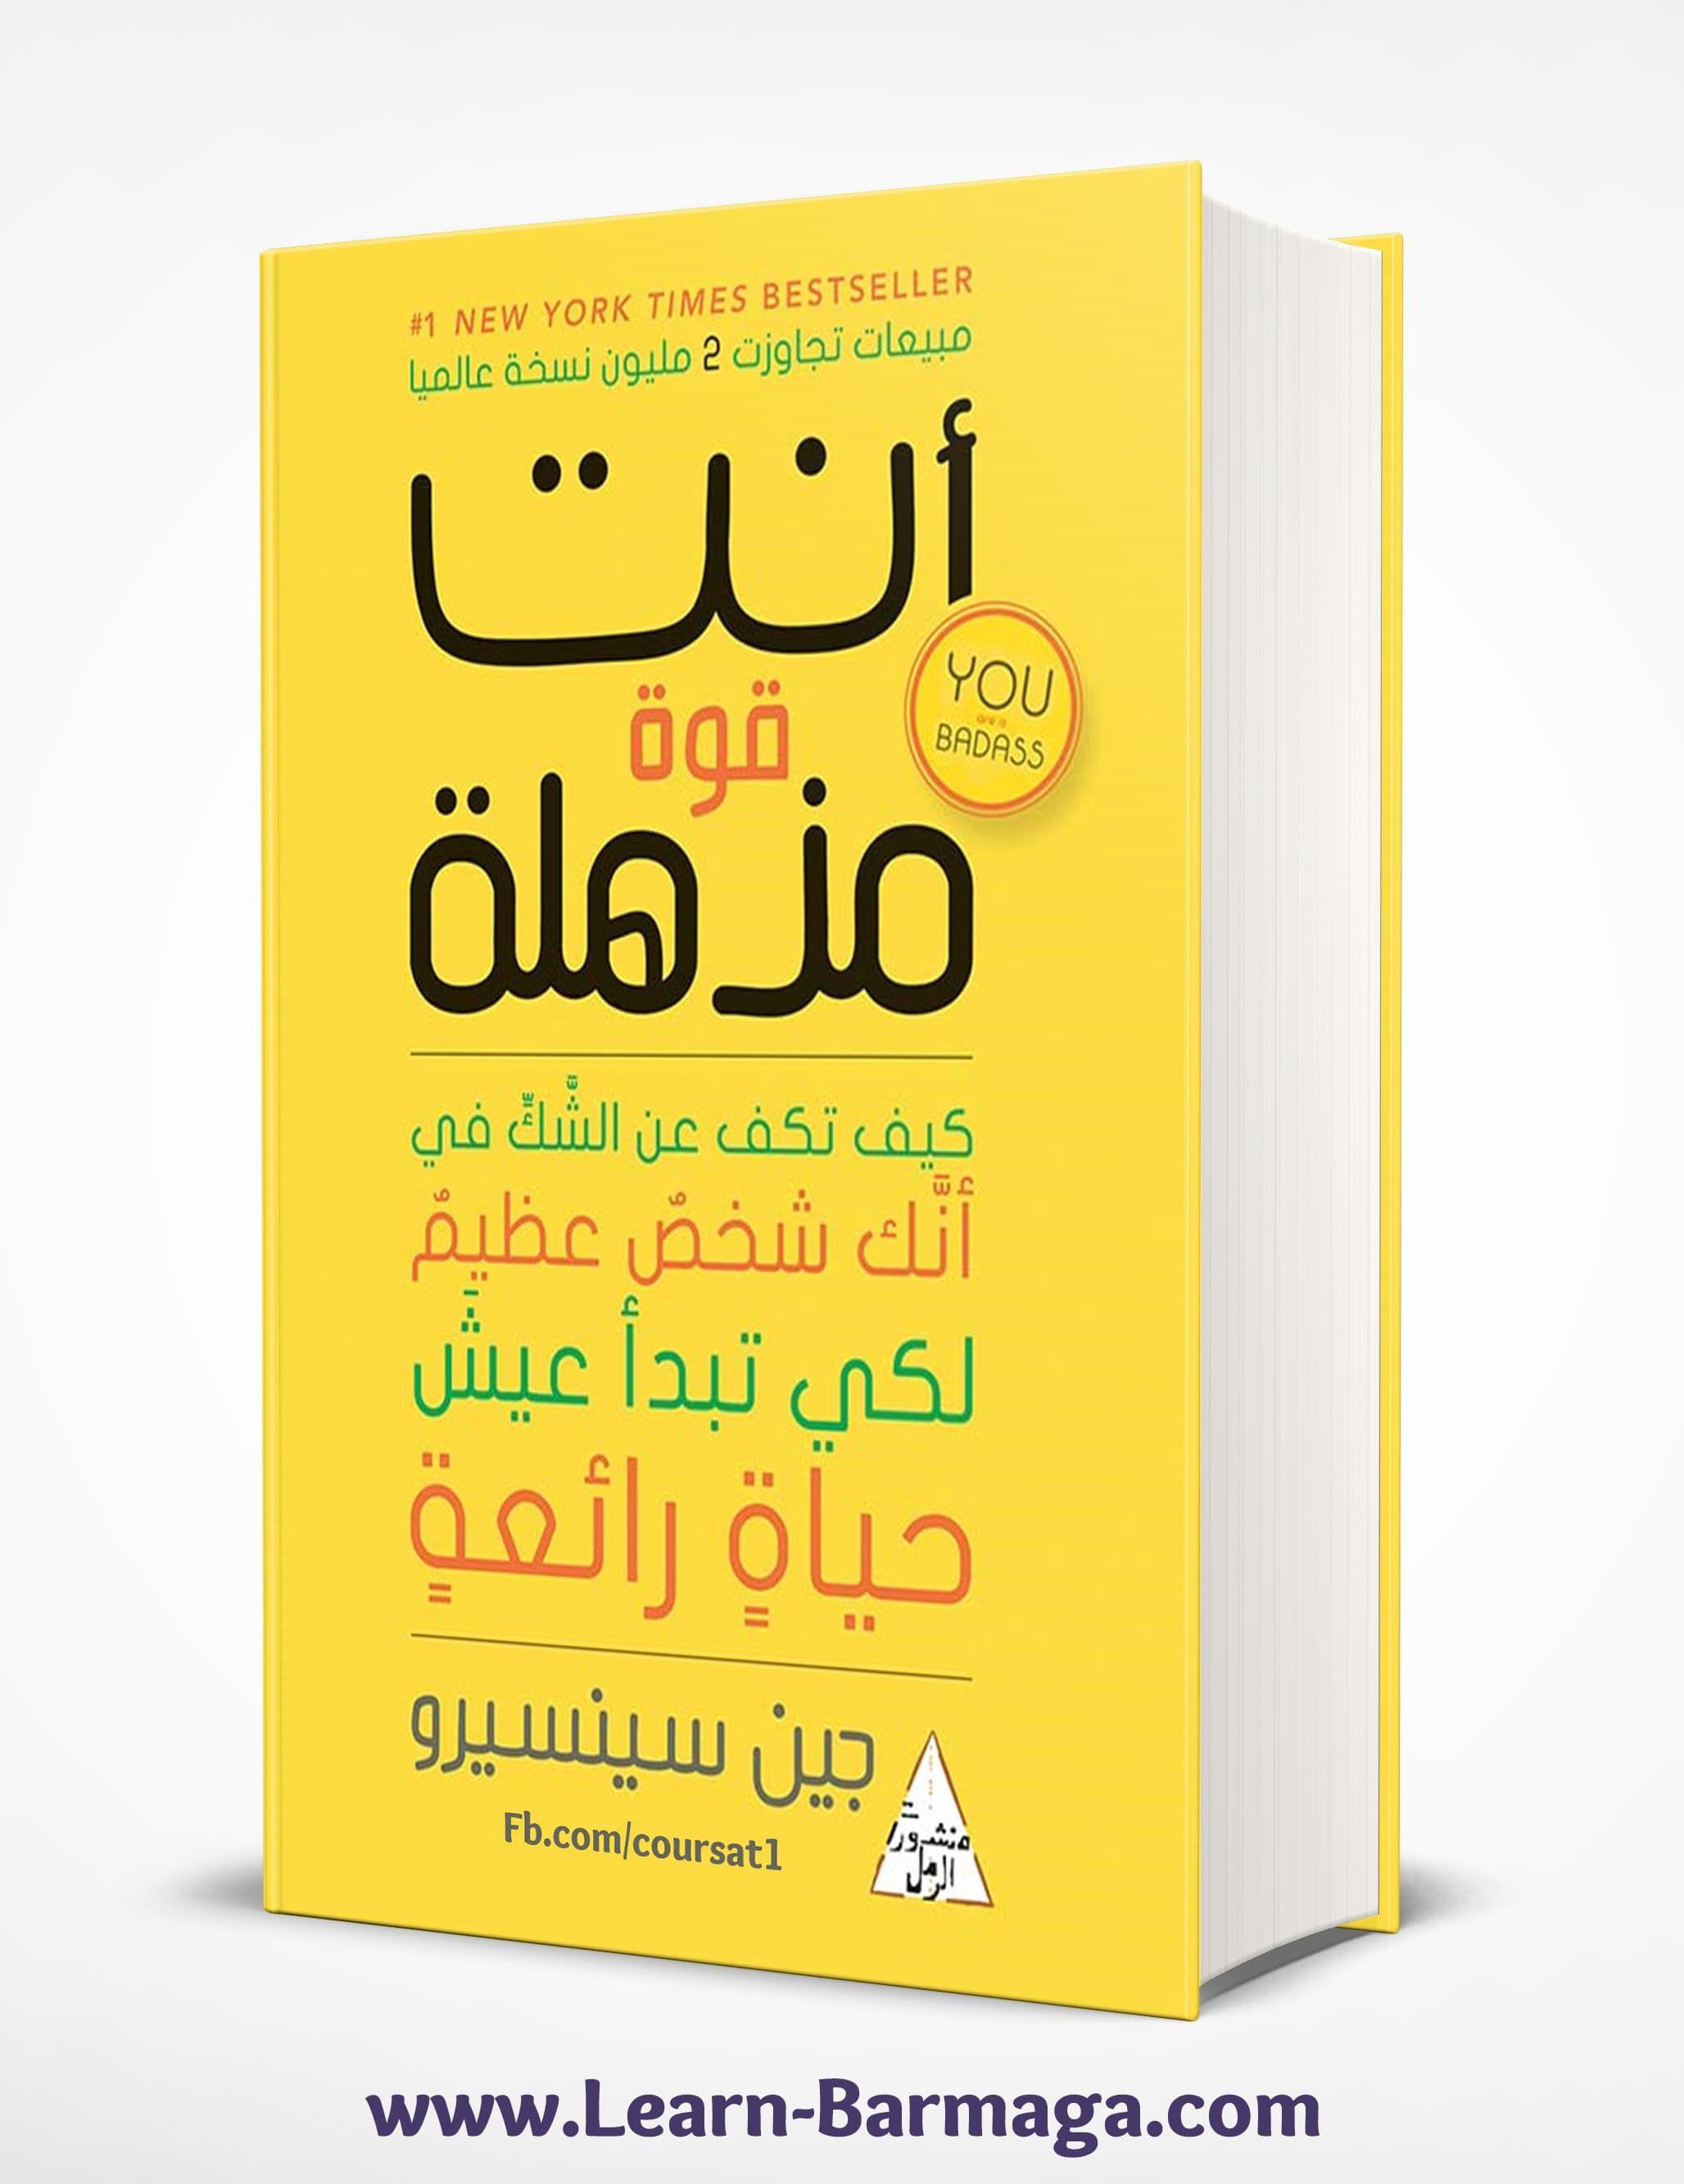 تحميل كتاب أنت قوة مذهلة Pdf جين سينسيرو Pdf Books Reading Arabic Books Book Cover